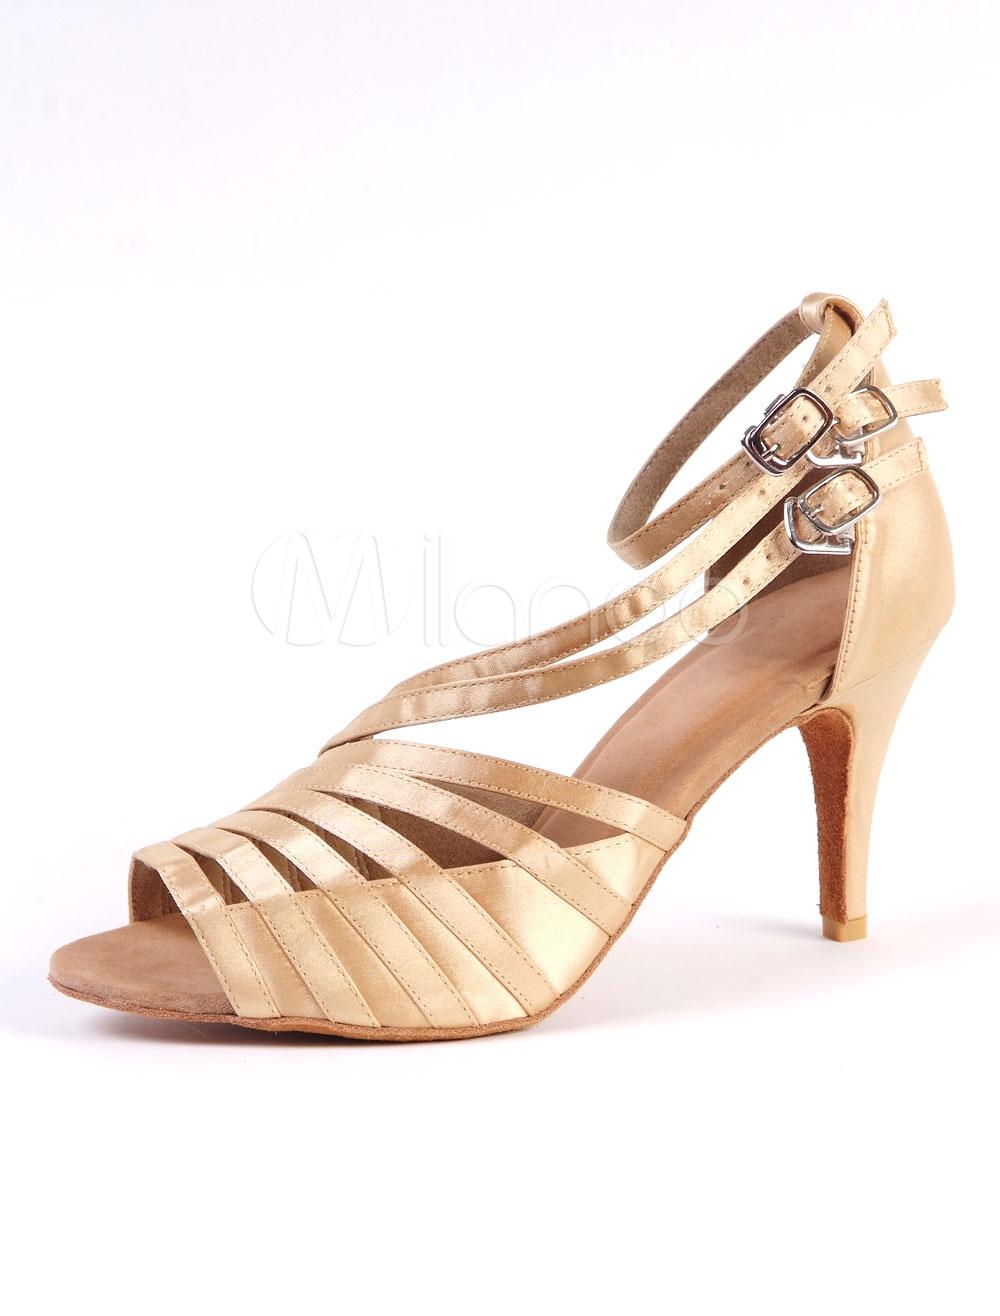 Zapatos de bailes latinos de tacón de stiletto para baile de puntera abierta qZxYI9KiSC